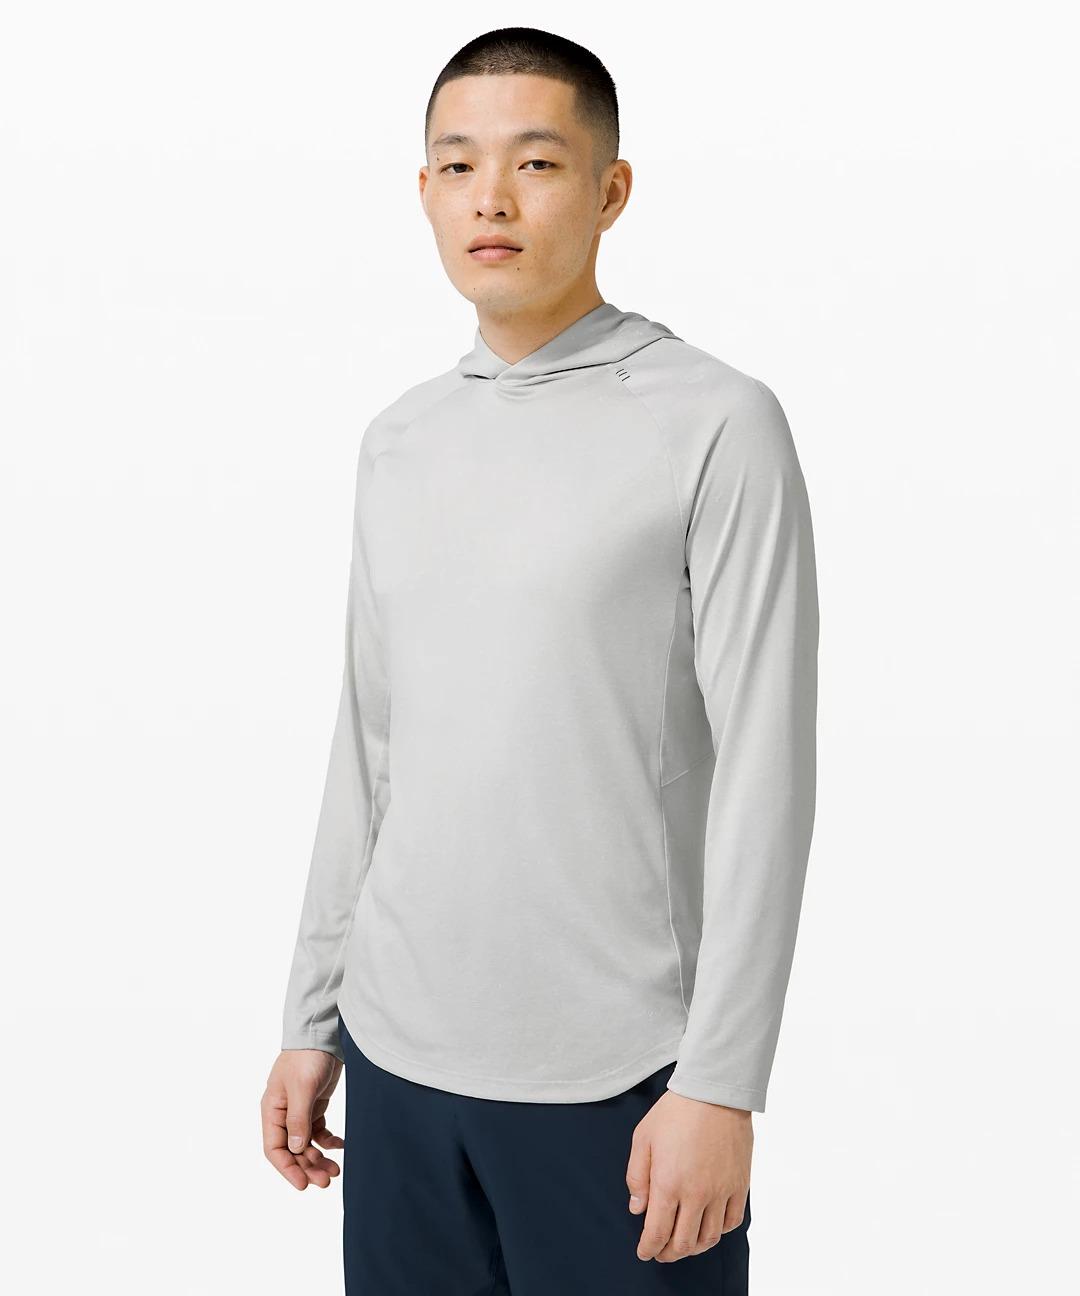 lululemon black friday sale 2020 - white exercise hoodie